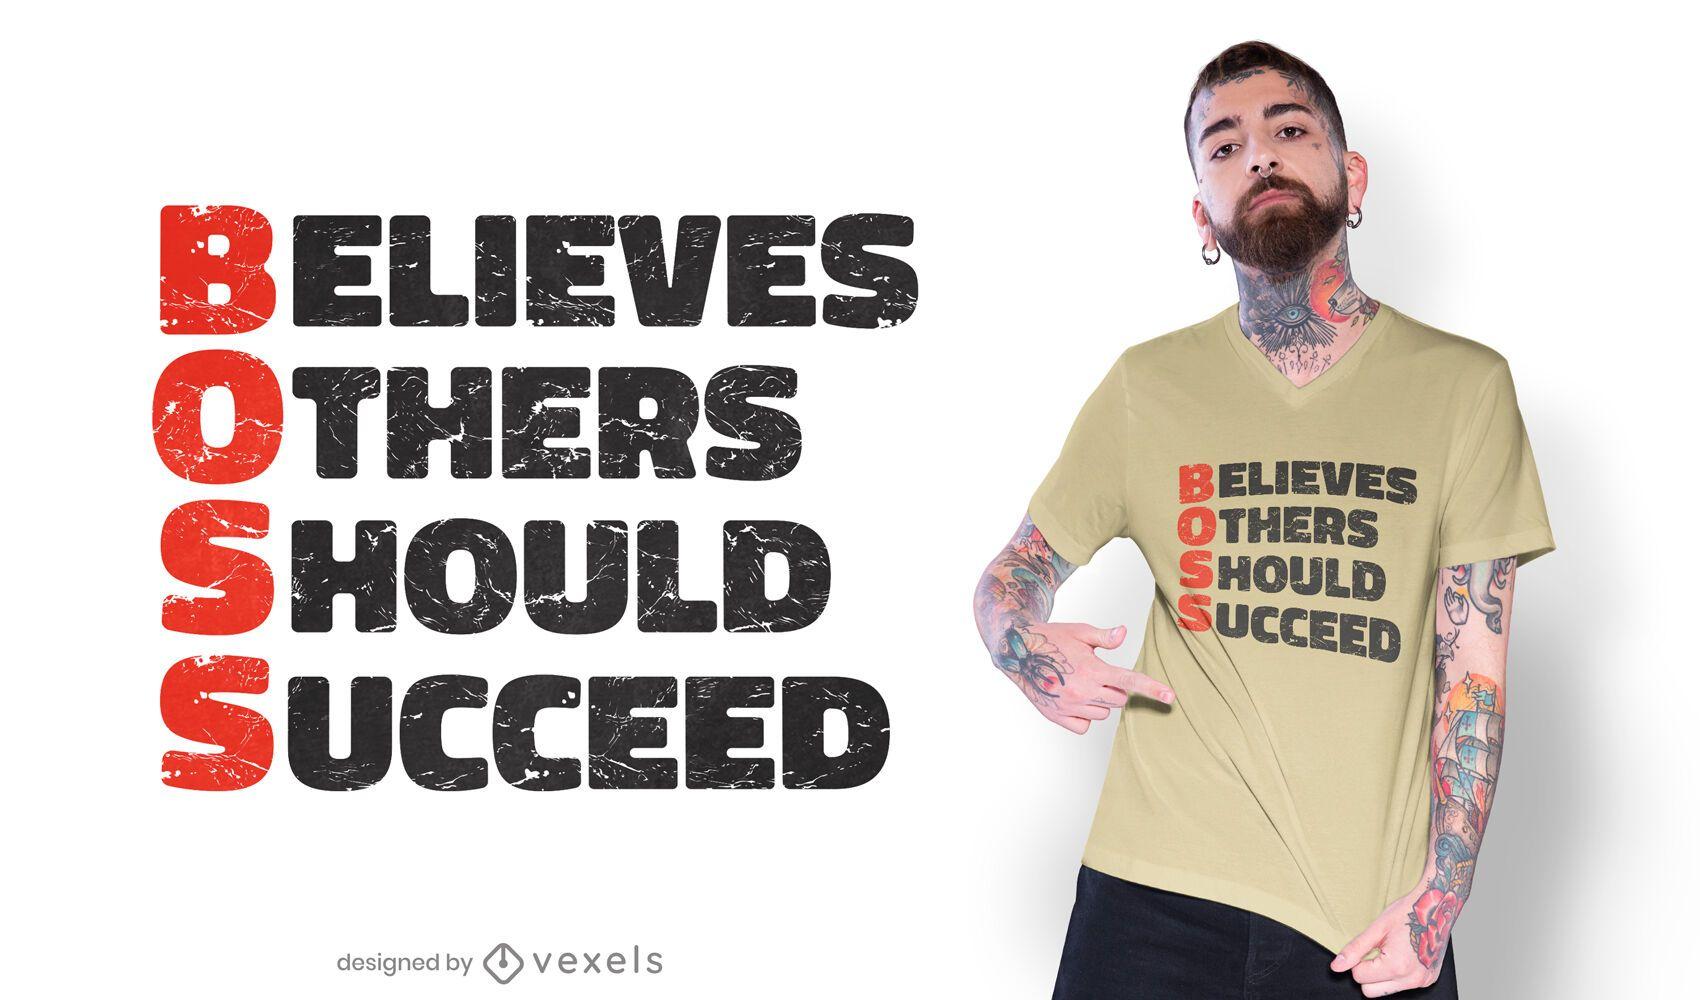 Boss initials motivational t-shirt design